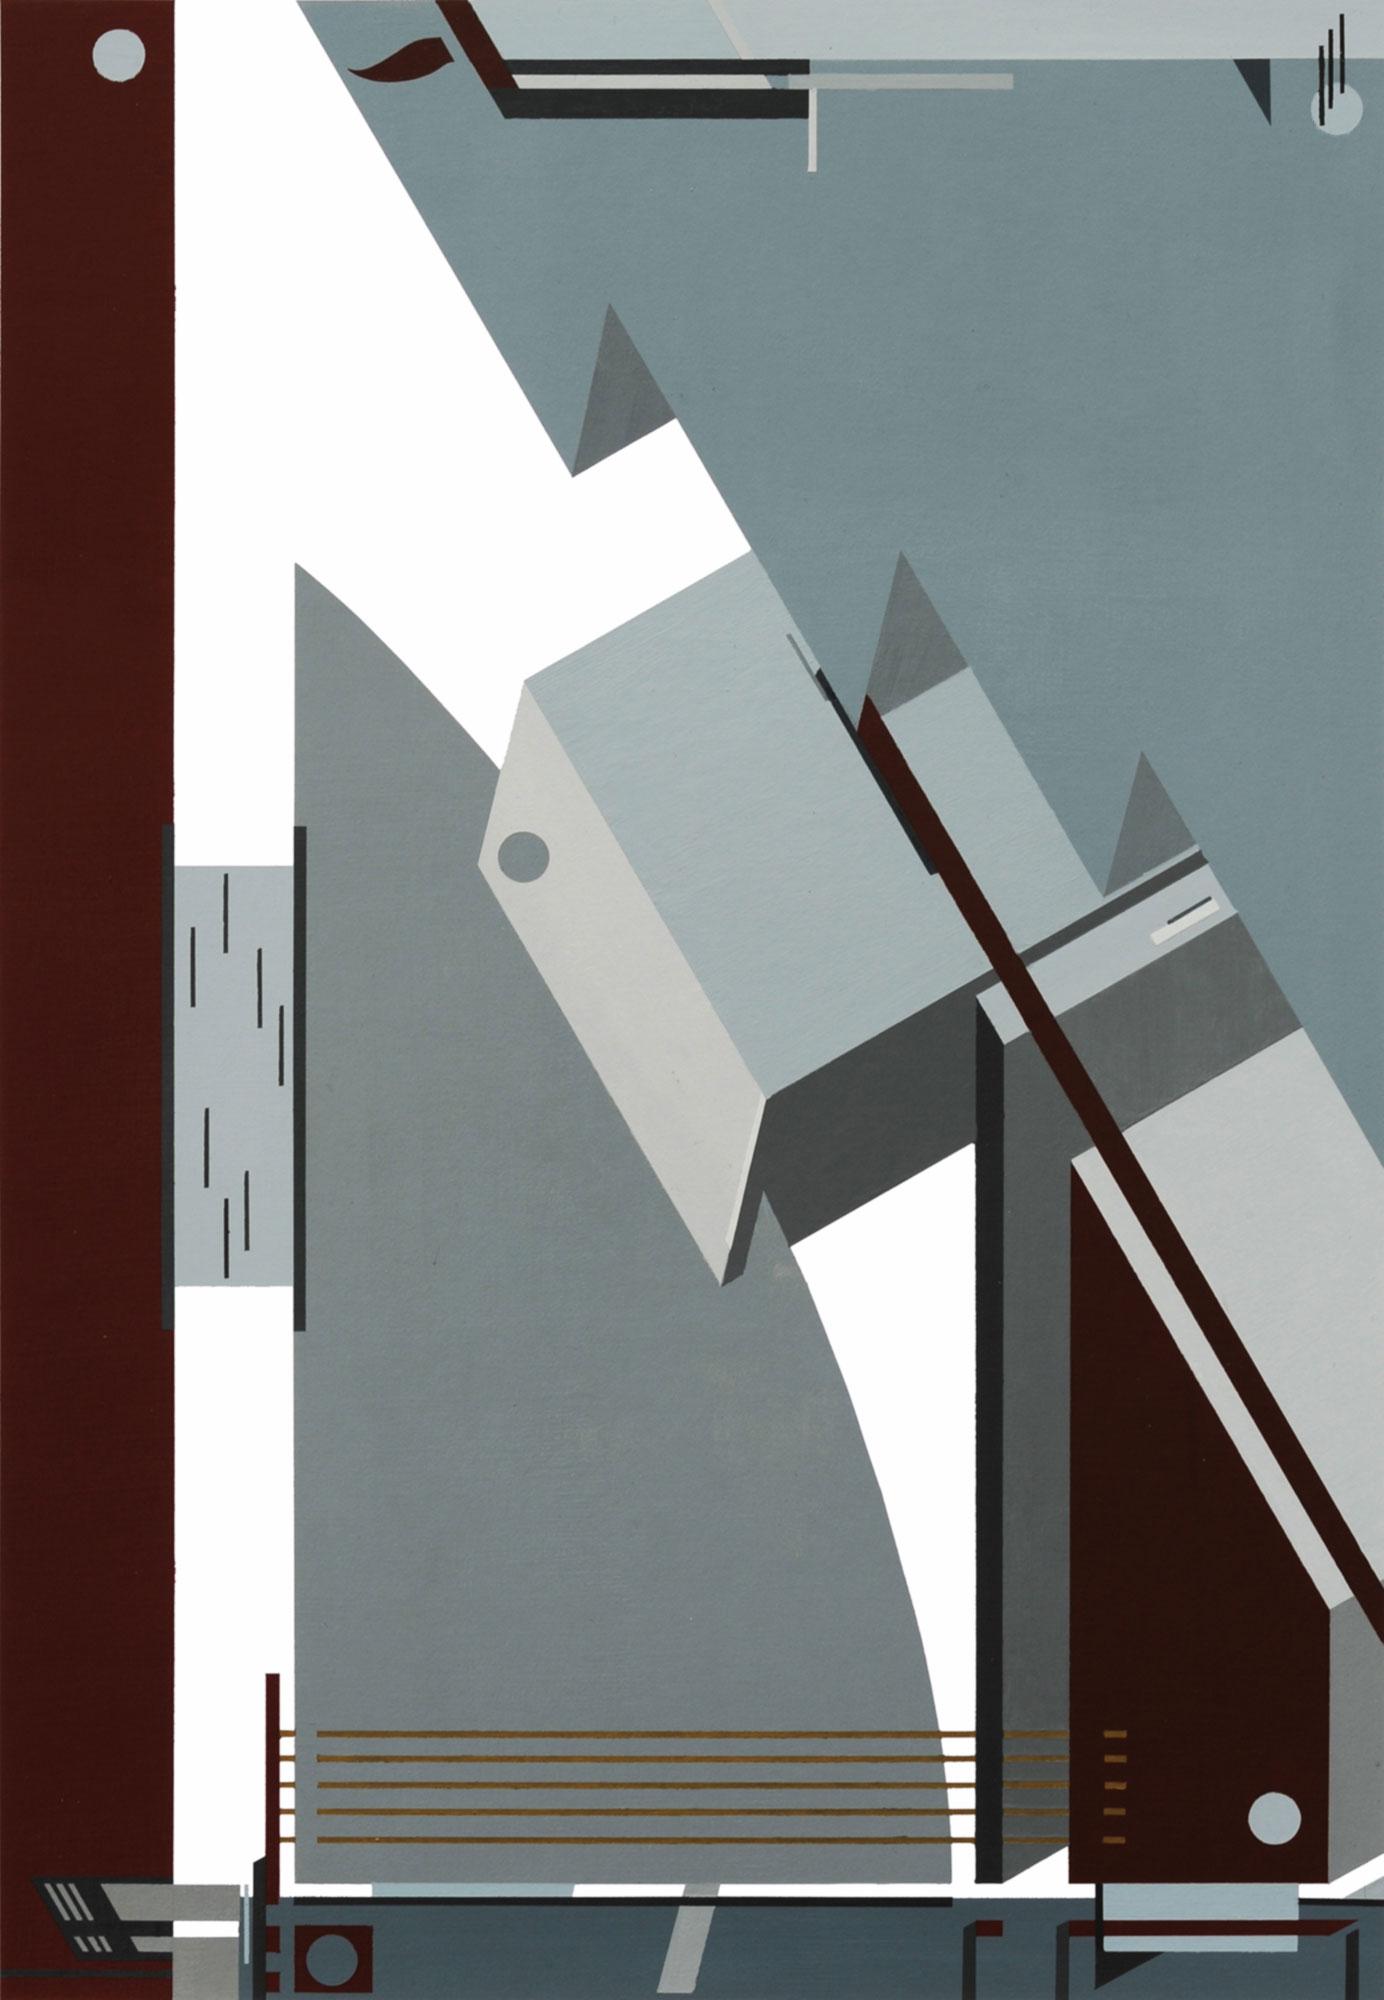 L'usine, 2011, peinture acrylique sur carton, 40x58 cm